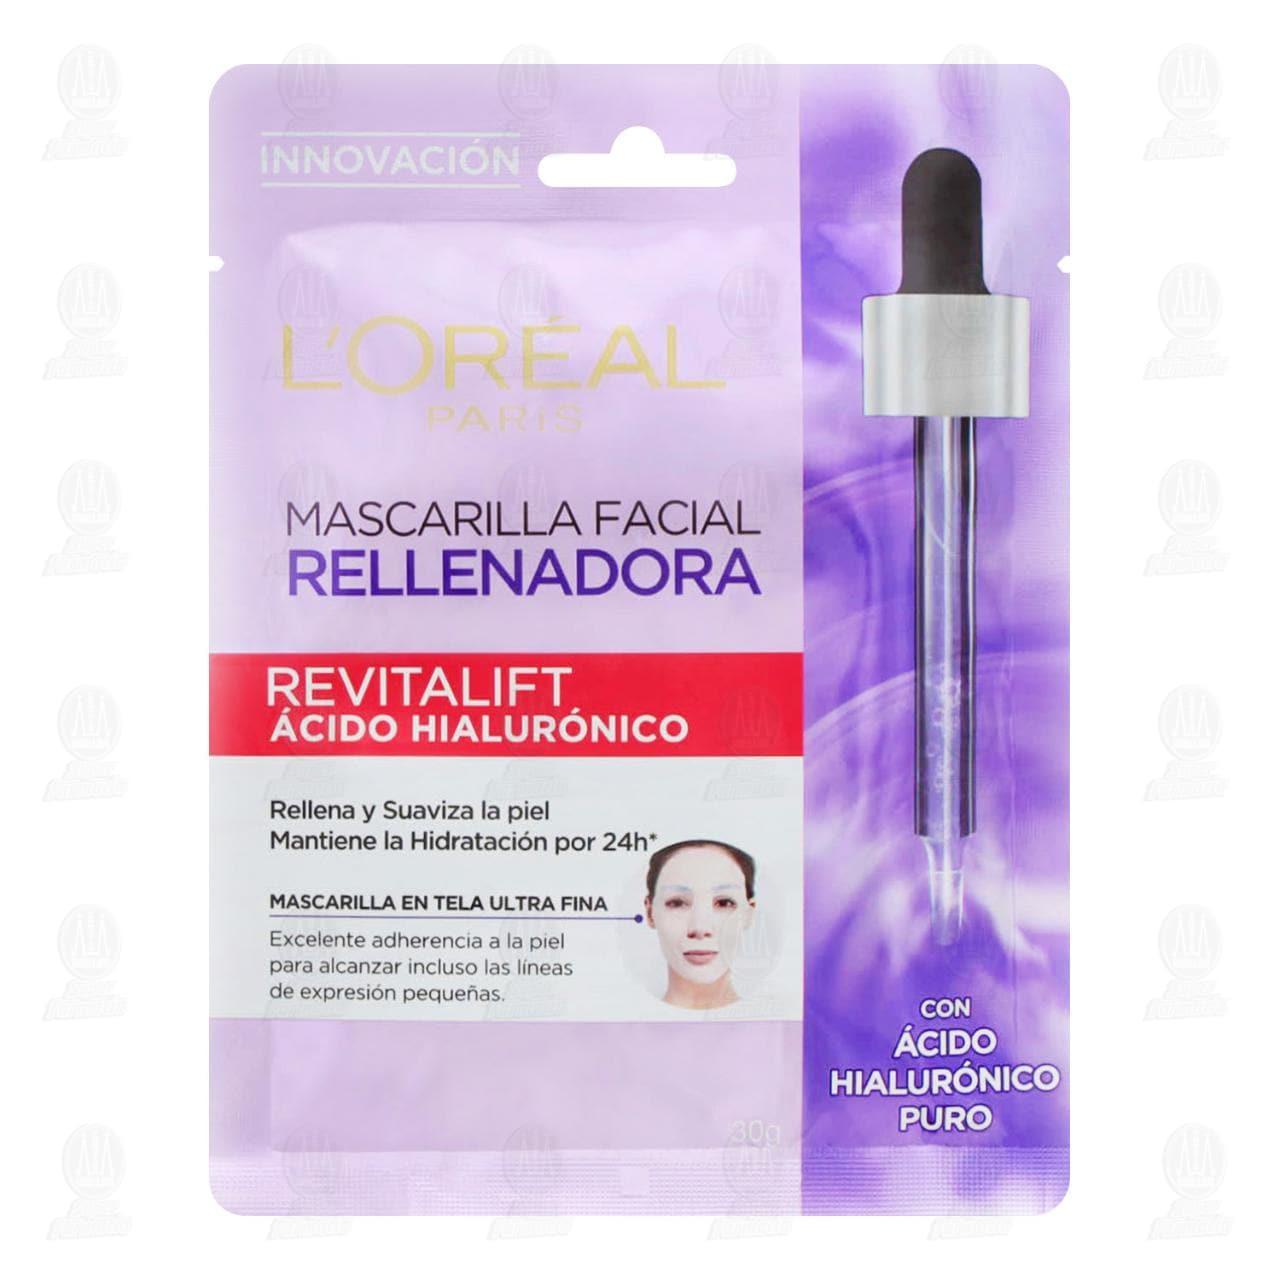 Comprar Mascarilla en Tela L'Oréal Paris Revitalift Ácido Hialurónico, 1 pz. en Farmacias Guadalajara